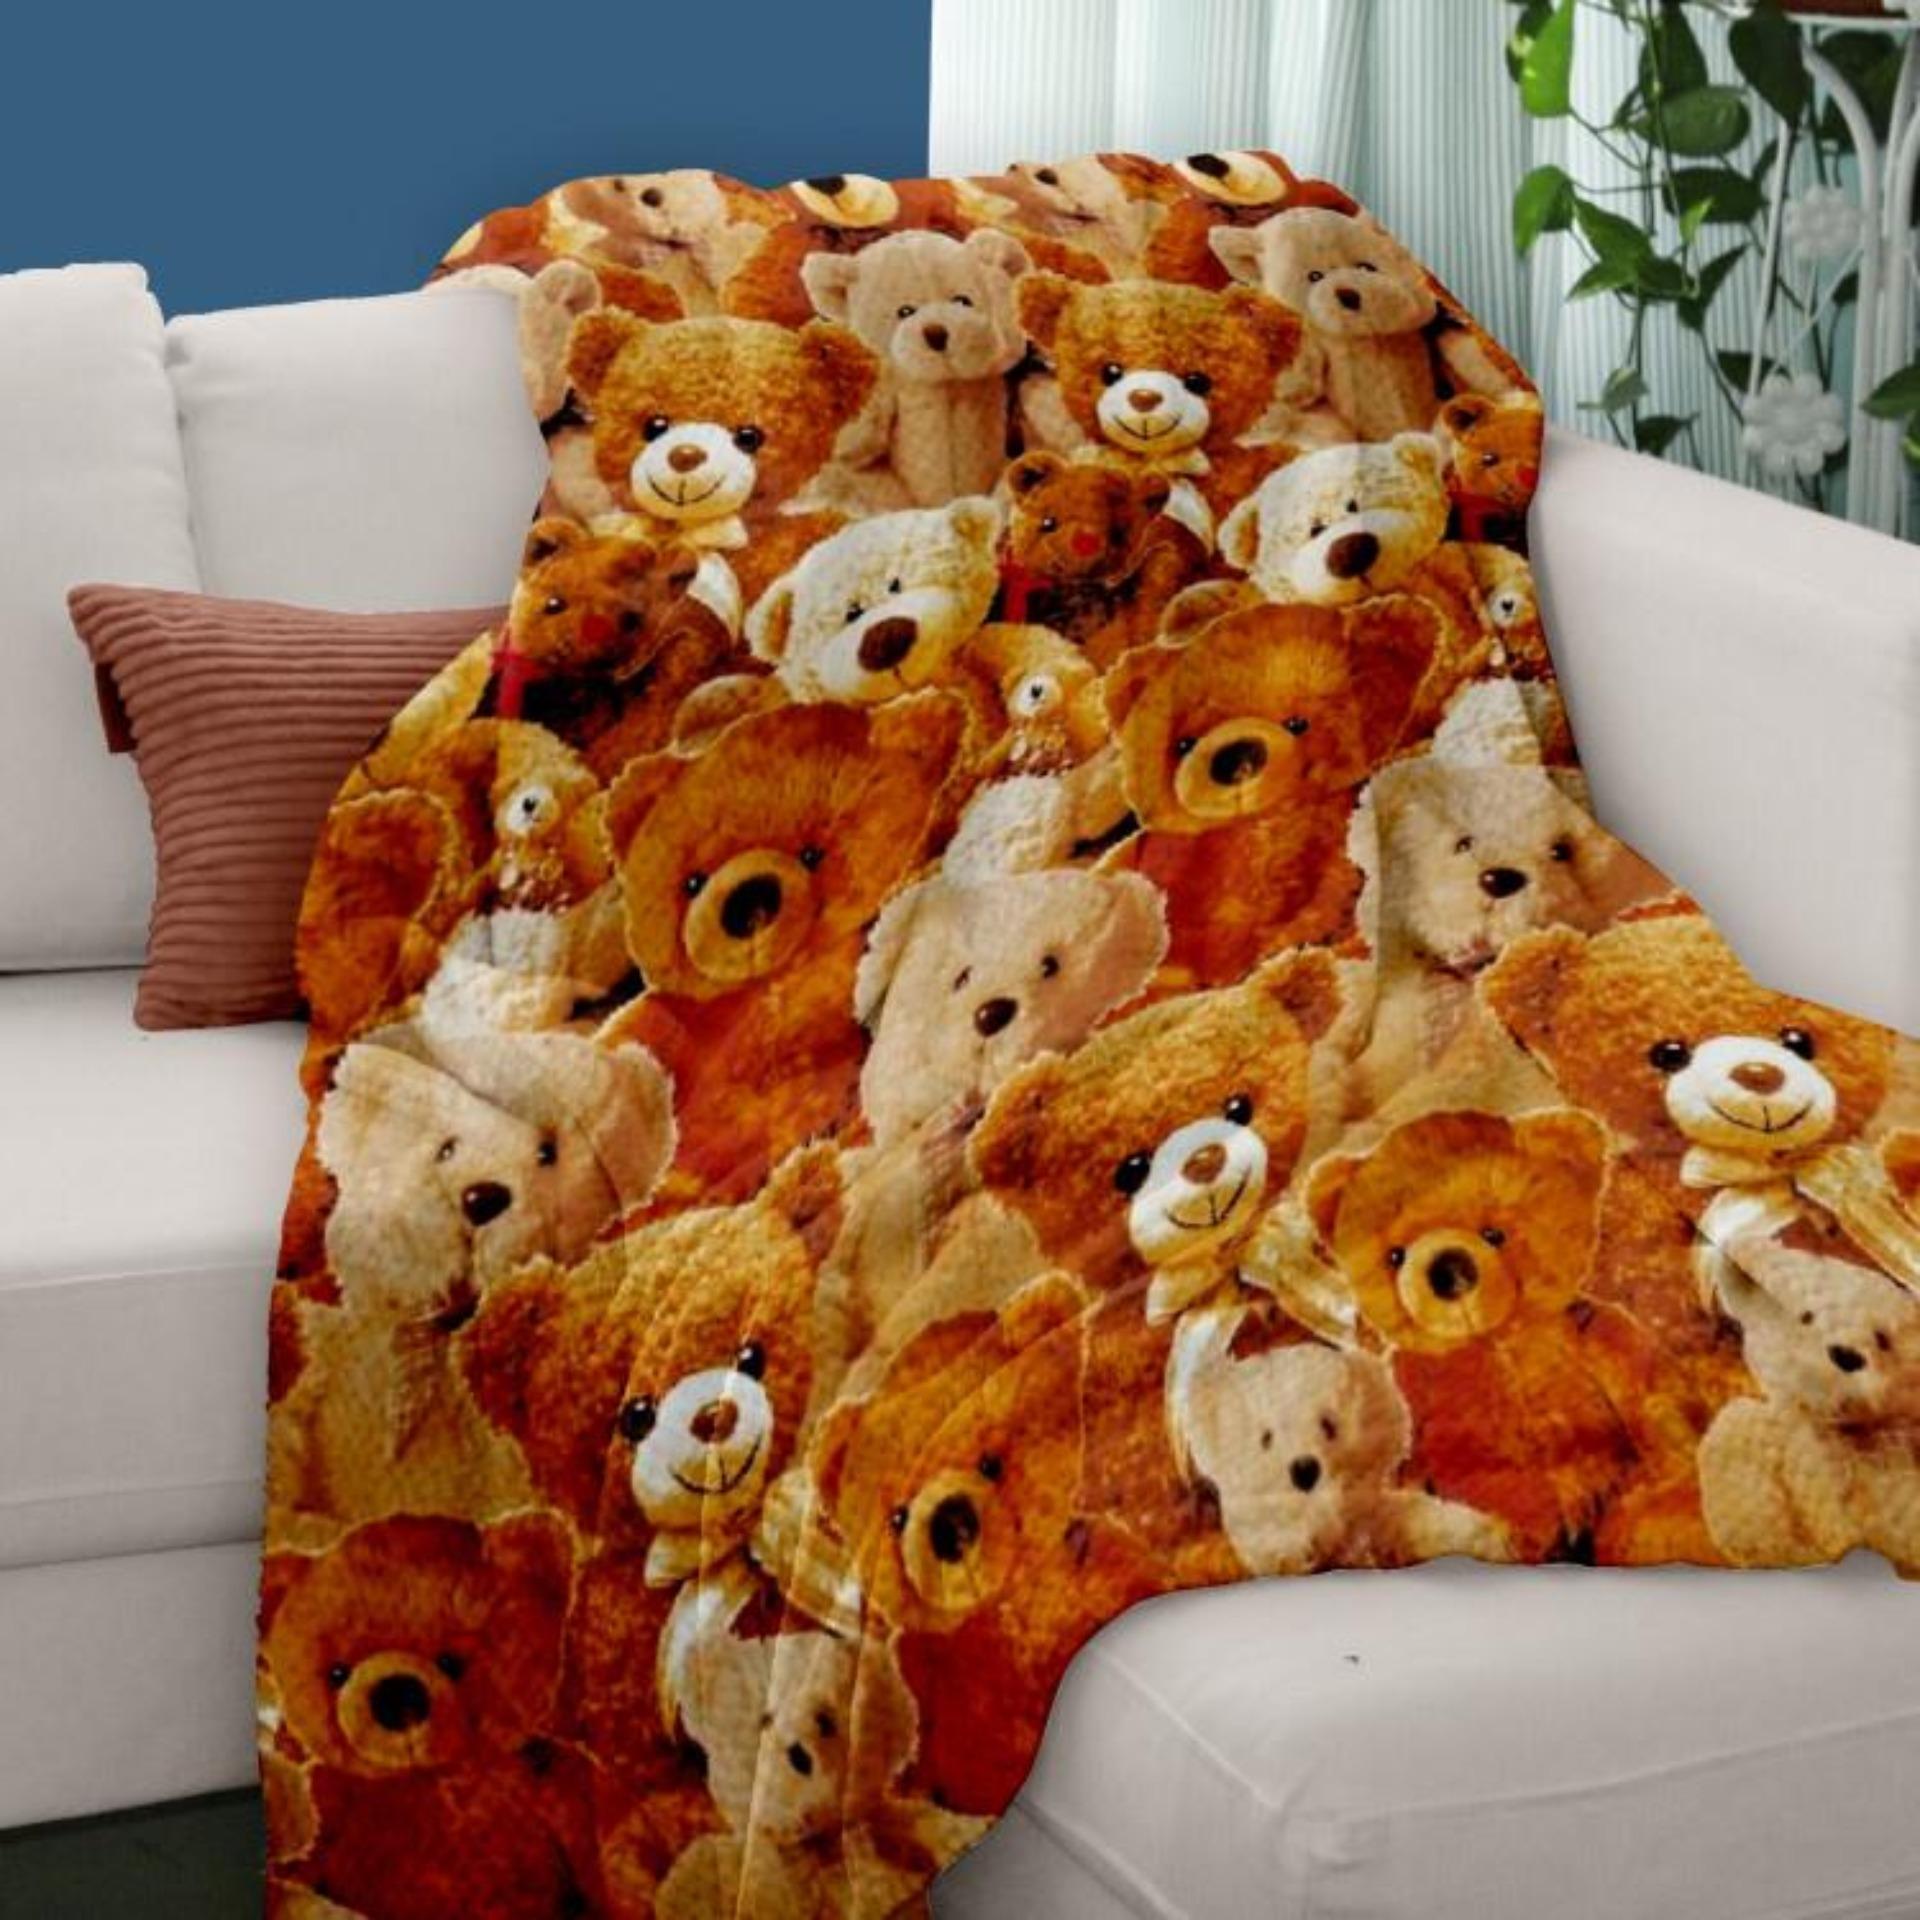 selimut bulu halus motif karakter anak beruang 140x200 super halus super lembut impor termurah